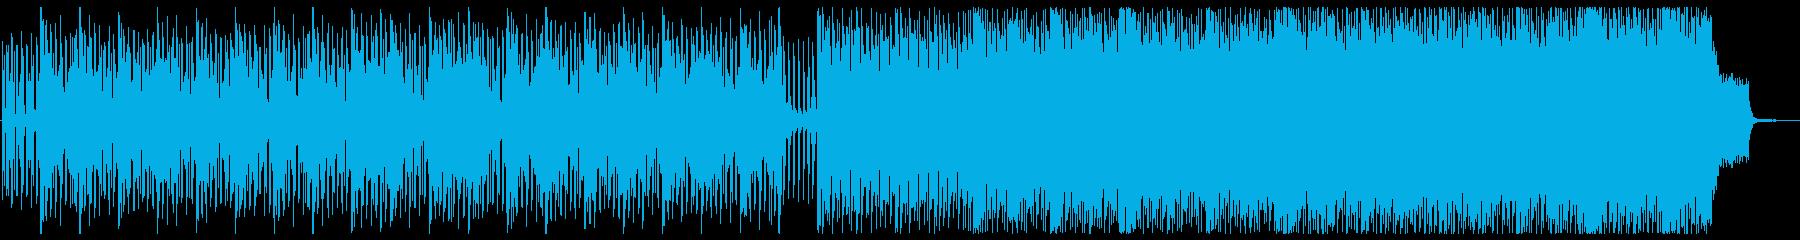 軽快でリズミカルな南国風シンセポップの再生済みの波形